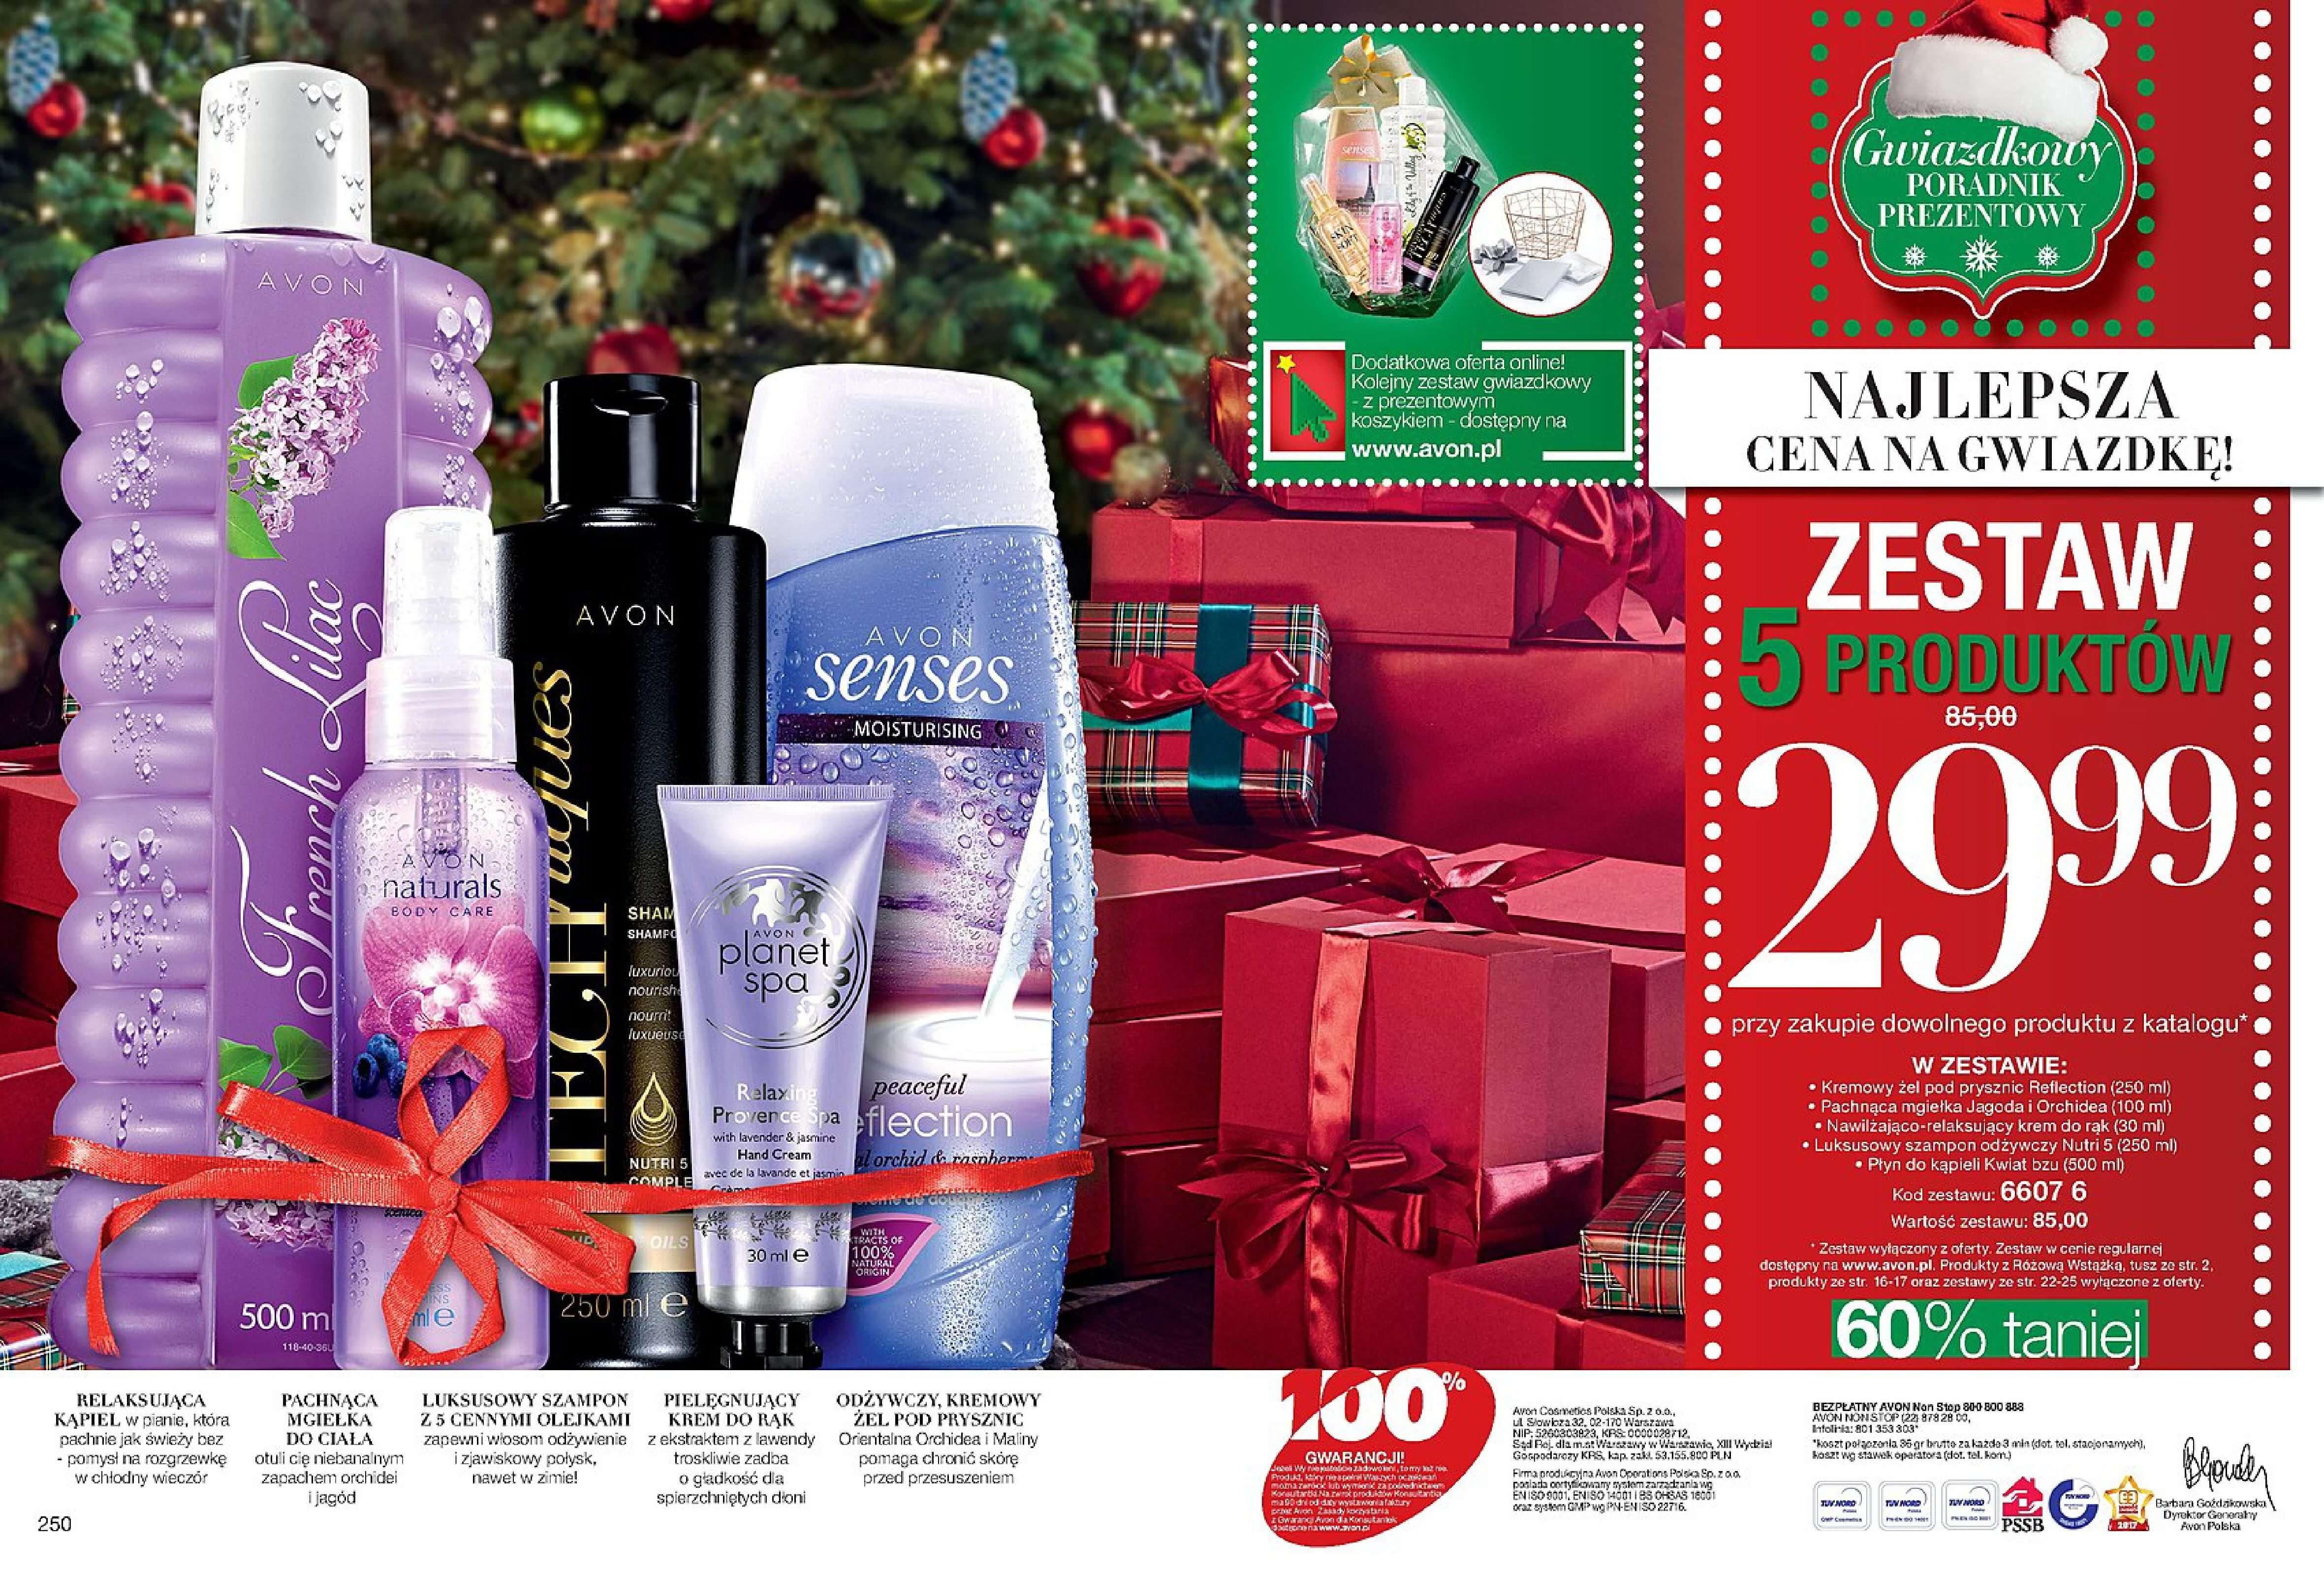 Gazetka Avon - Katalog 17/2017 Gwiazdka-29.11.2017-27.12.2017-page-126